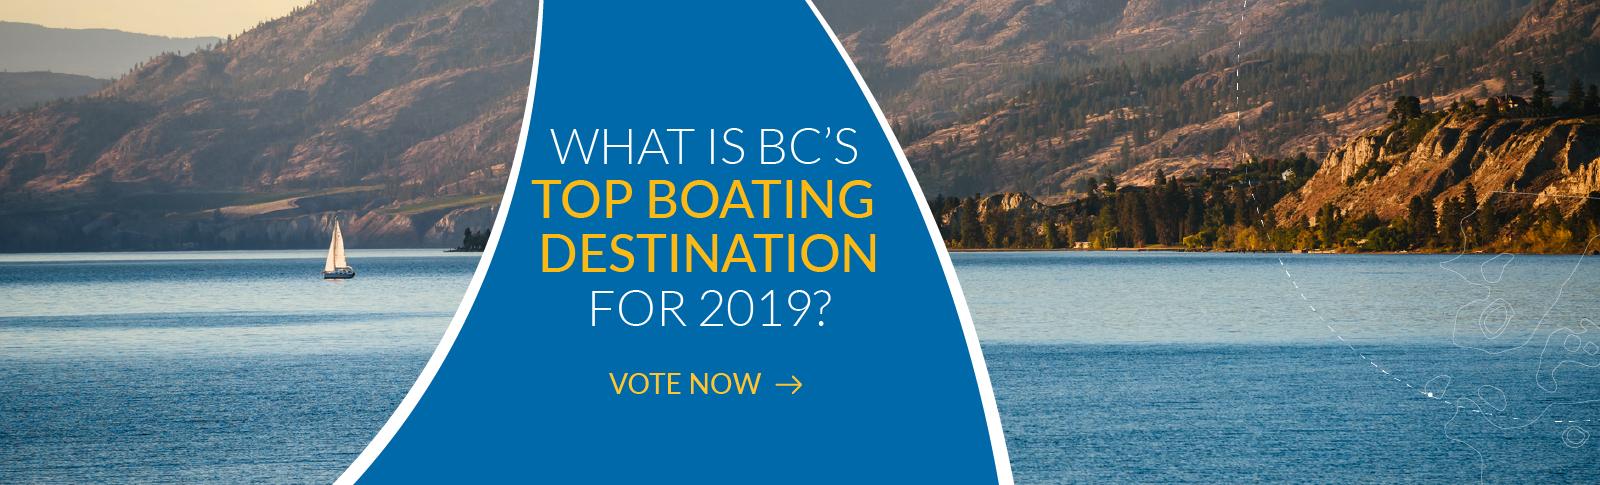 BC Top Boating Destination, BC Boating Destination, Boating Destination